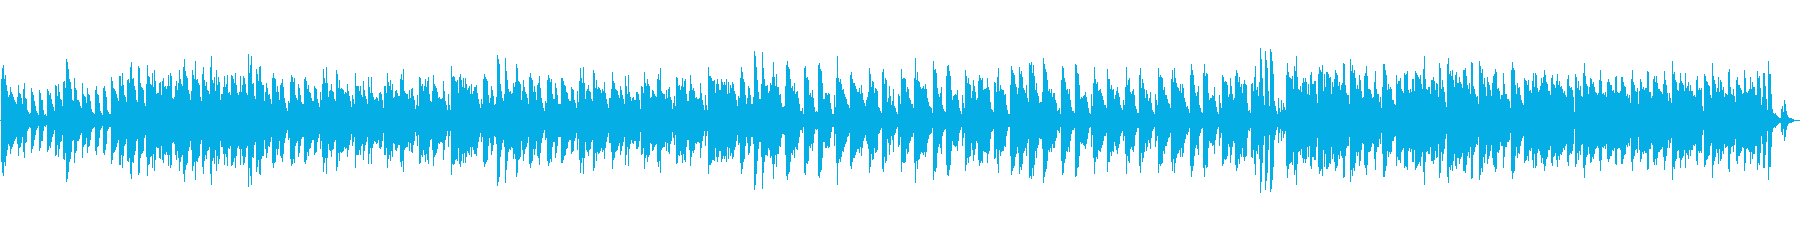 映像にピアノ元気明るい企業VPスキップの再生済みの波形